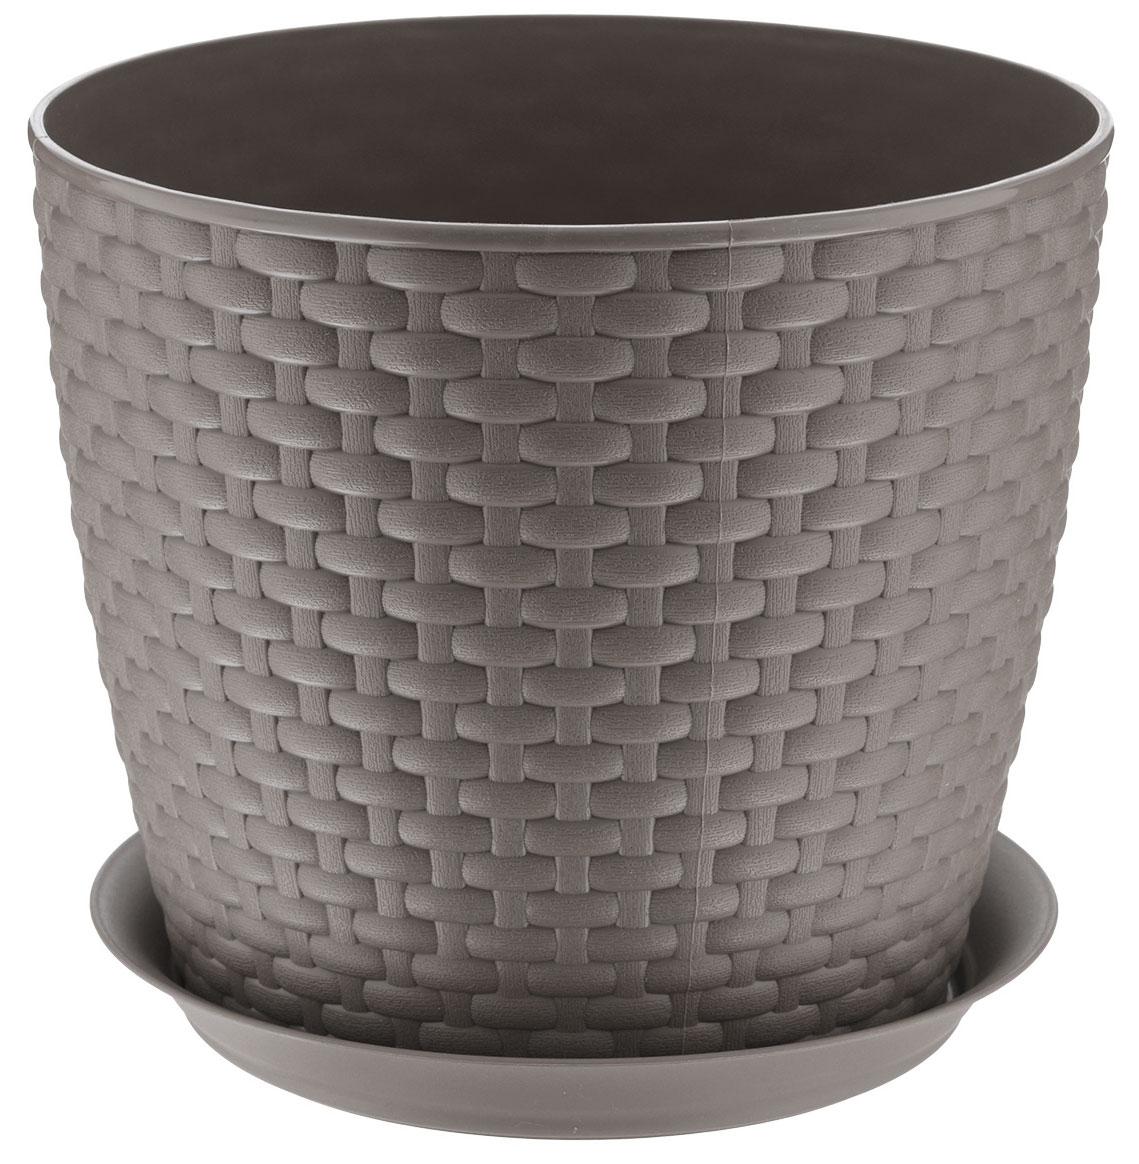 Кашпо Idea Ротанг, с поддоном, цвет: коричневый, 4,7 лМ 3083Кашпо Idea Ротанг изготовлено из высококачественного пластика. Специальный поддон предназначен для стока воды. Изделие прекрасно подходит для выращивания растений и цветов в домашних условиях. Лаконичный дизайн впишется в интерьер любого помещения. Диаметр поддона: 19,5 см. Объем кашпо: 4,7 л.Диаметр кашпо по верхнему краю: 21 см.Высота кашпо: 18 см.